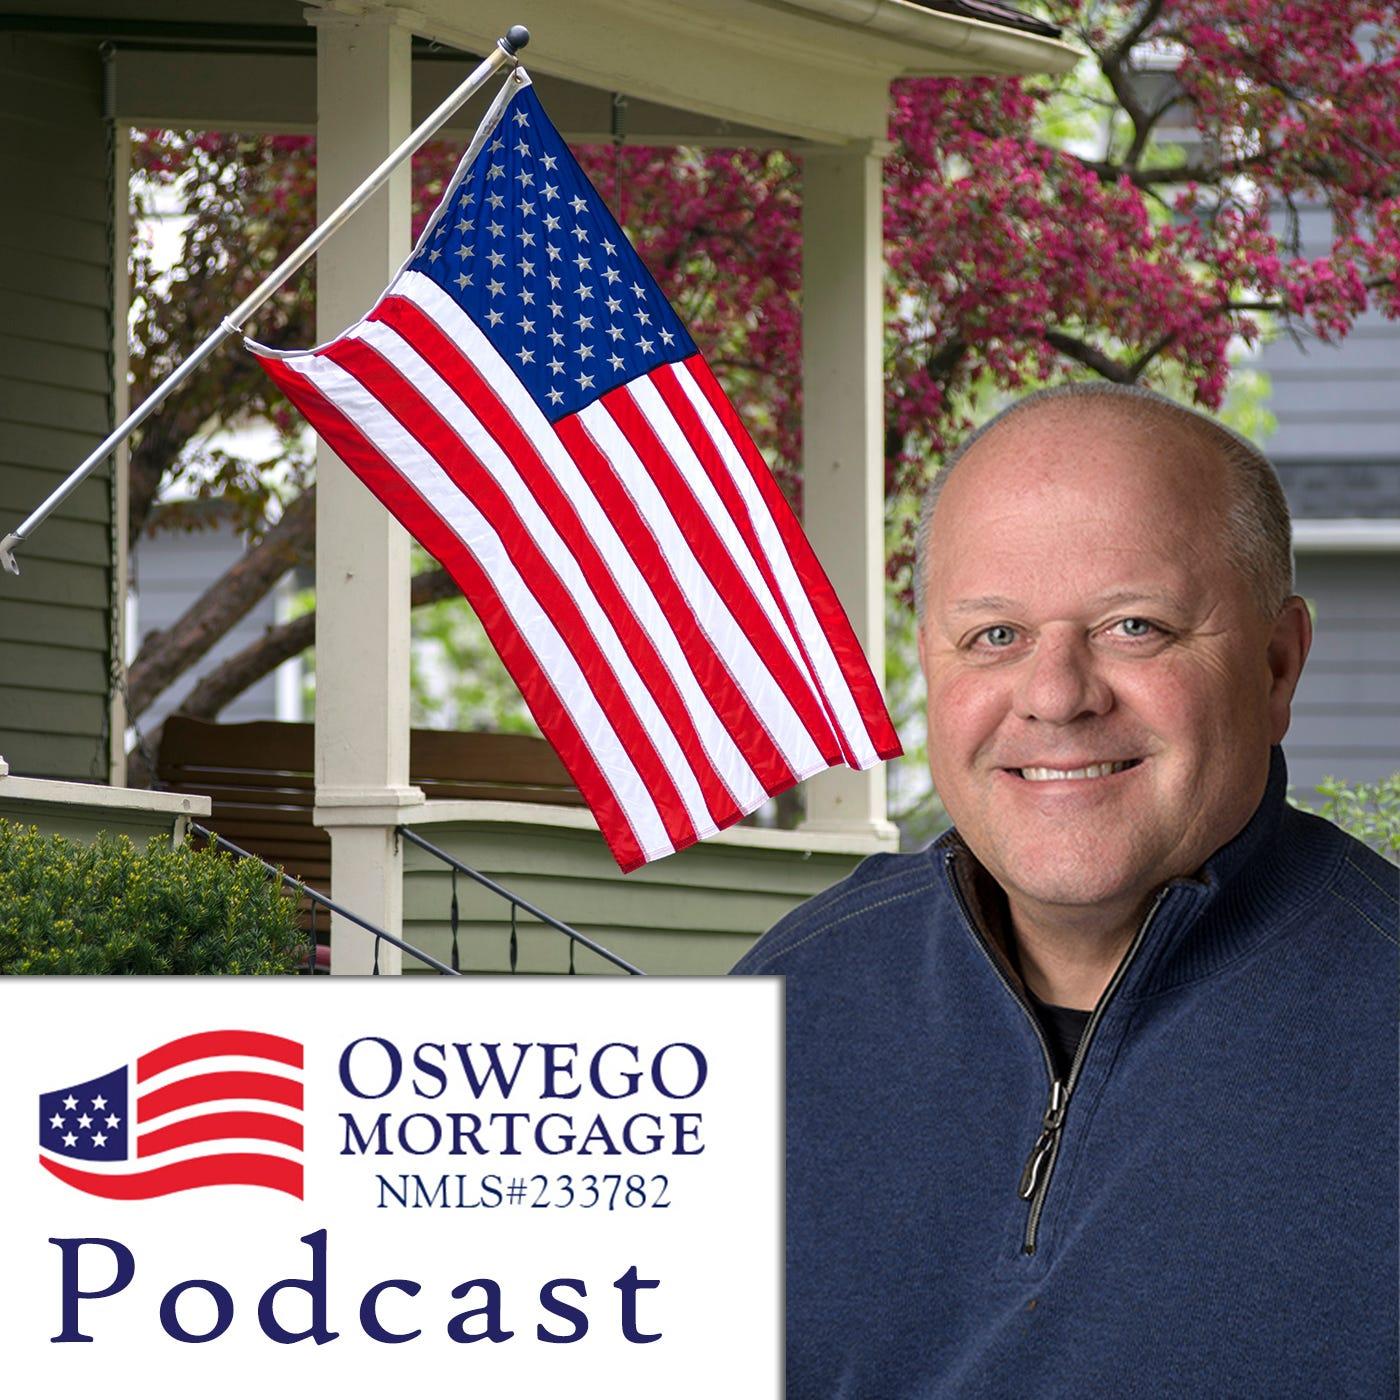 Oswego Mortgage Podcast